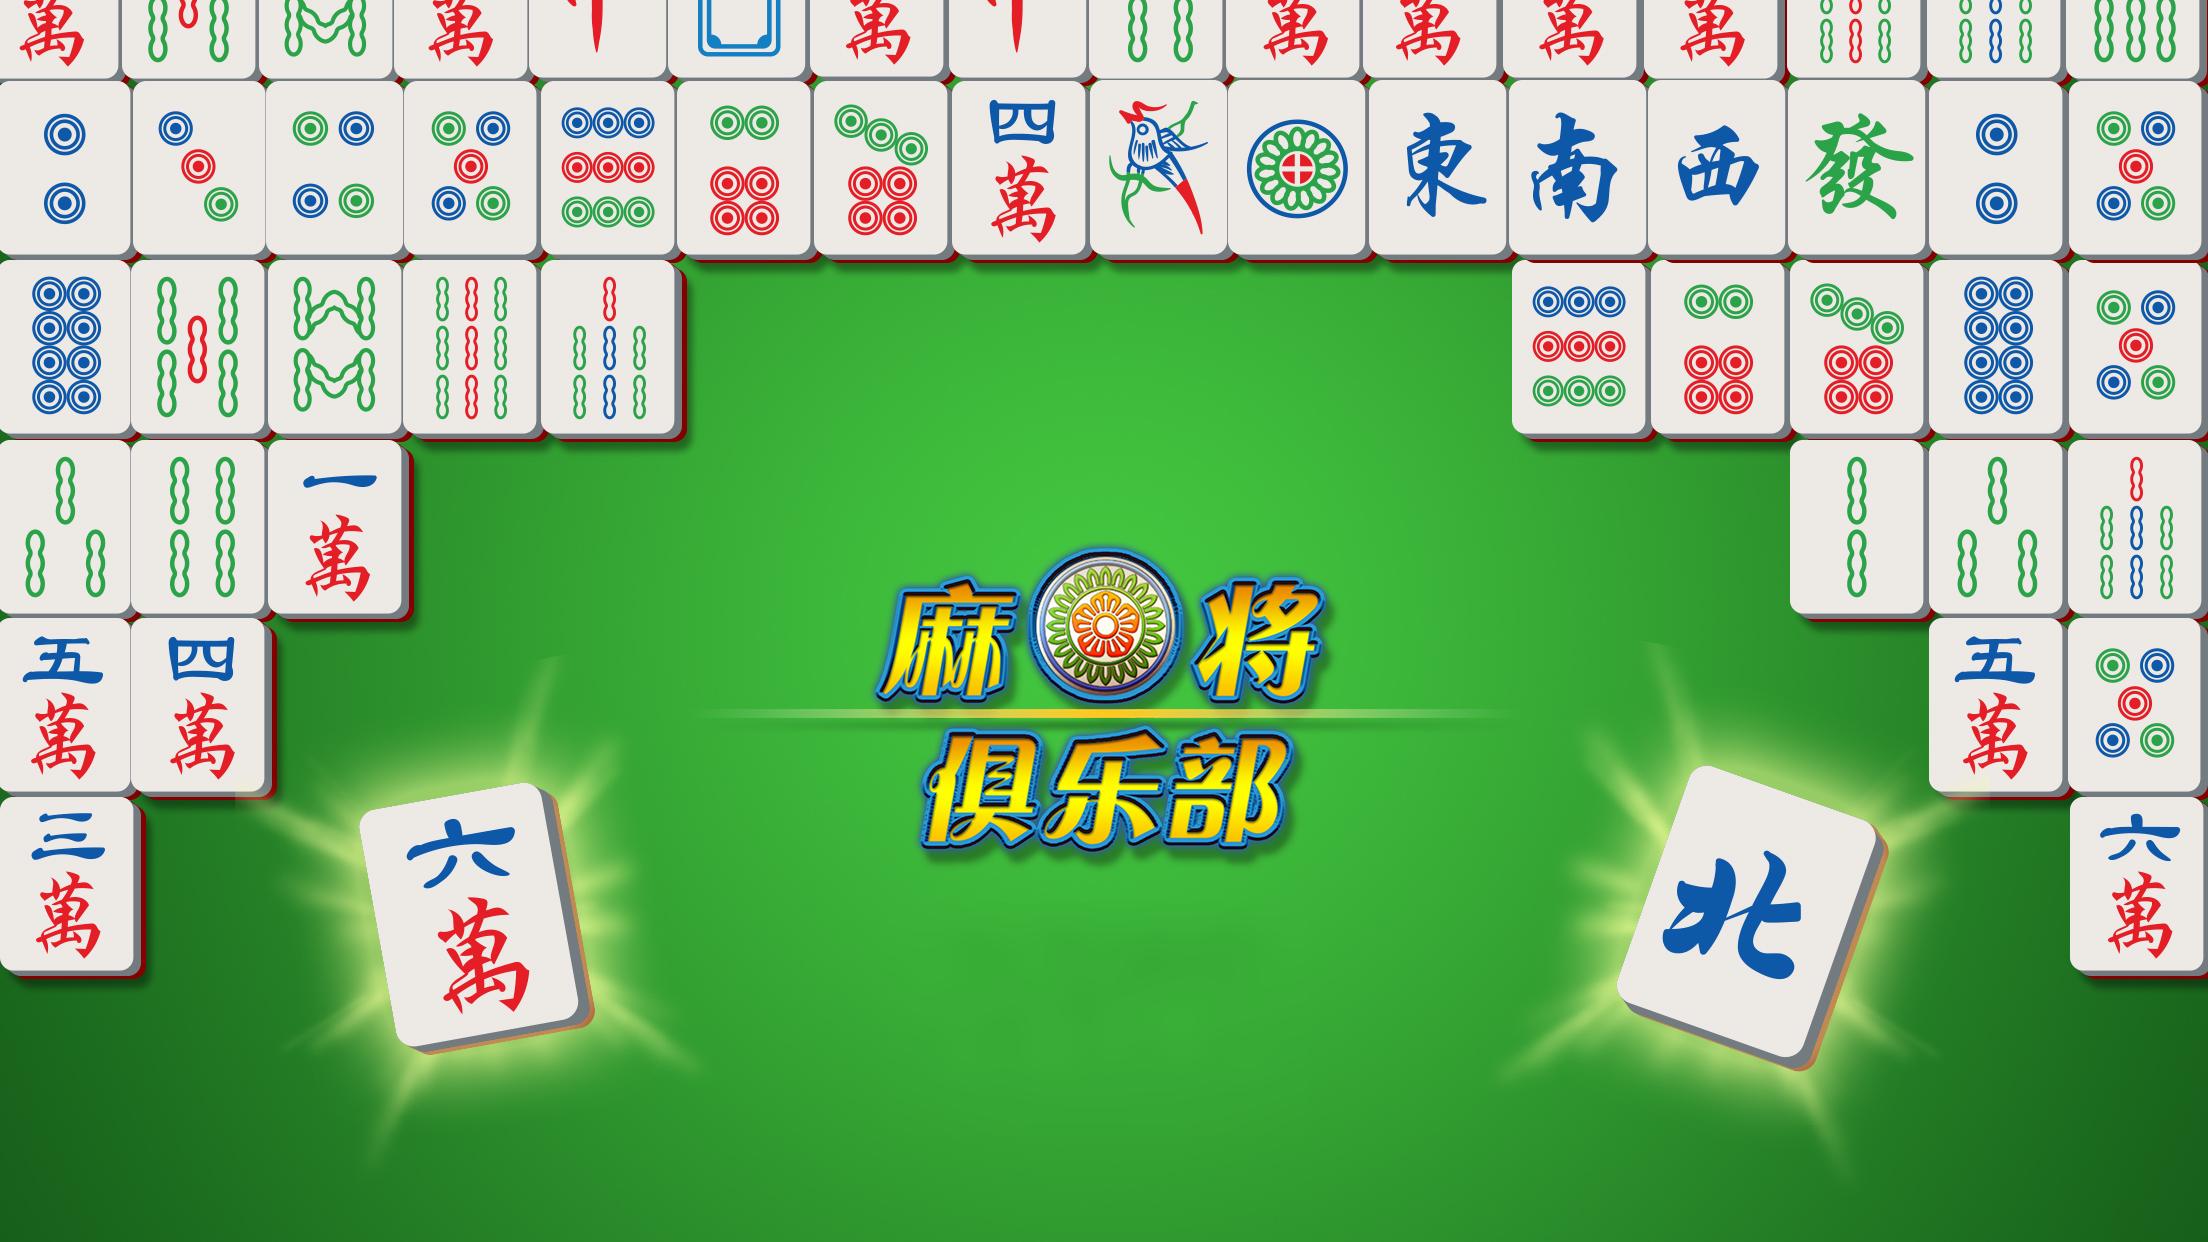 Mahjongclub live på asiatiska marknaden